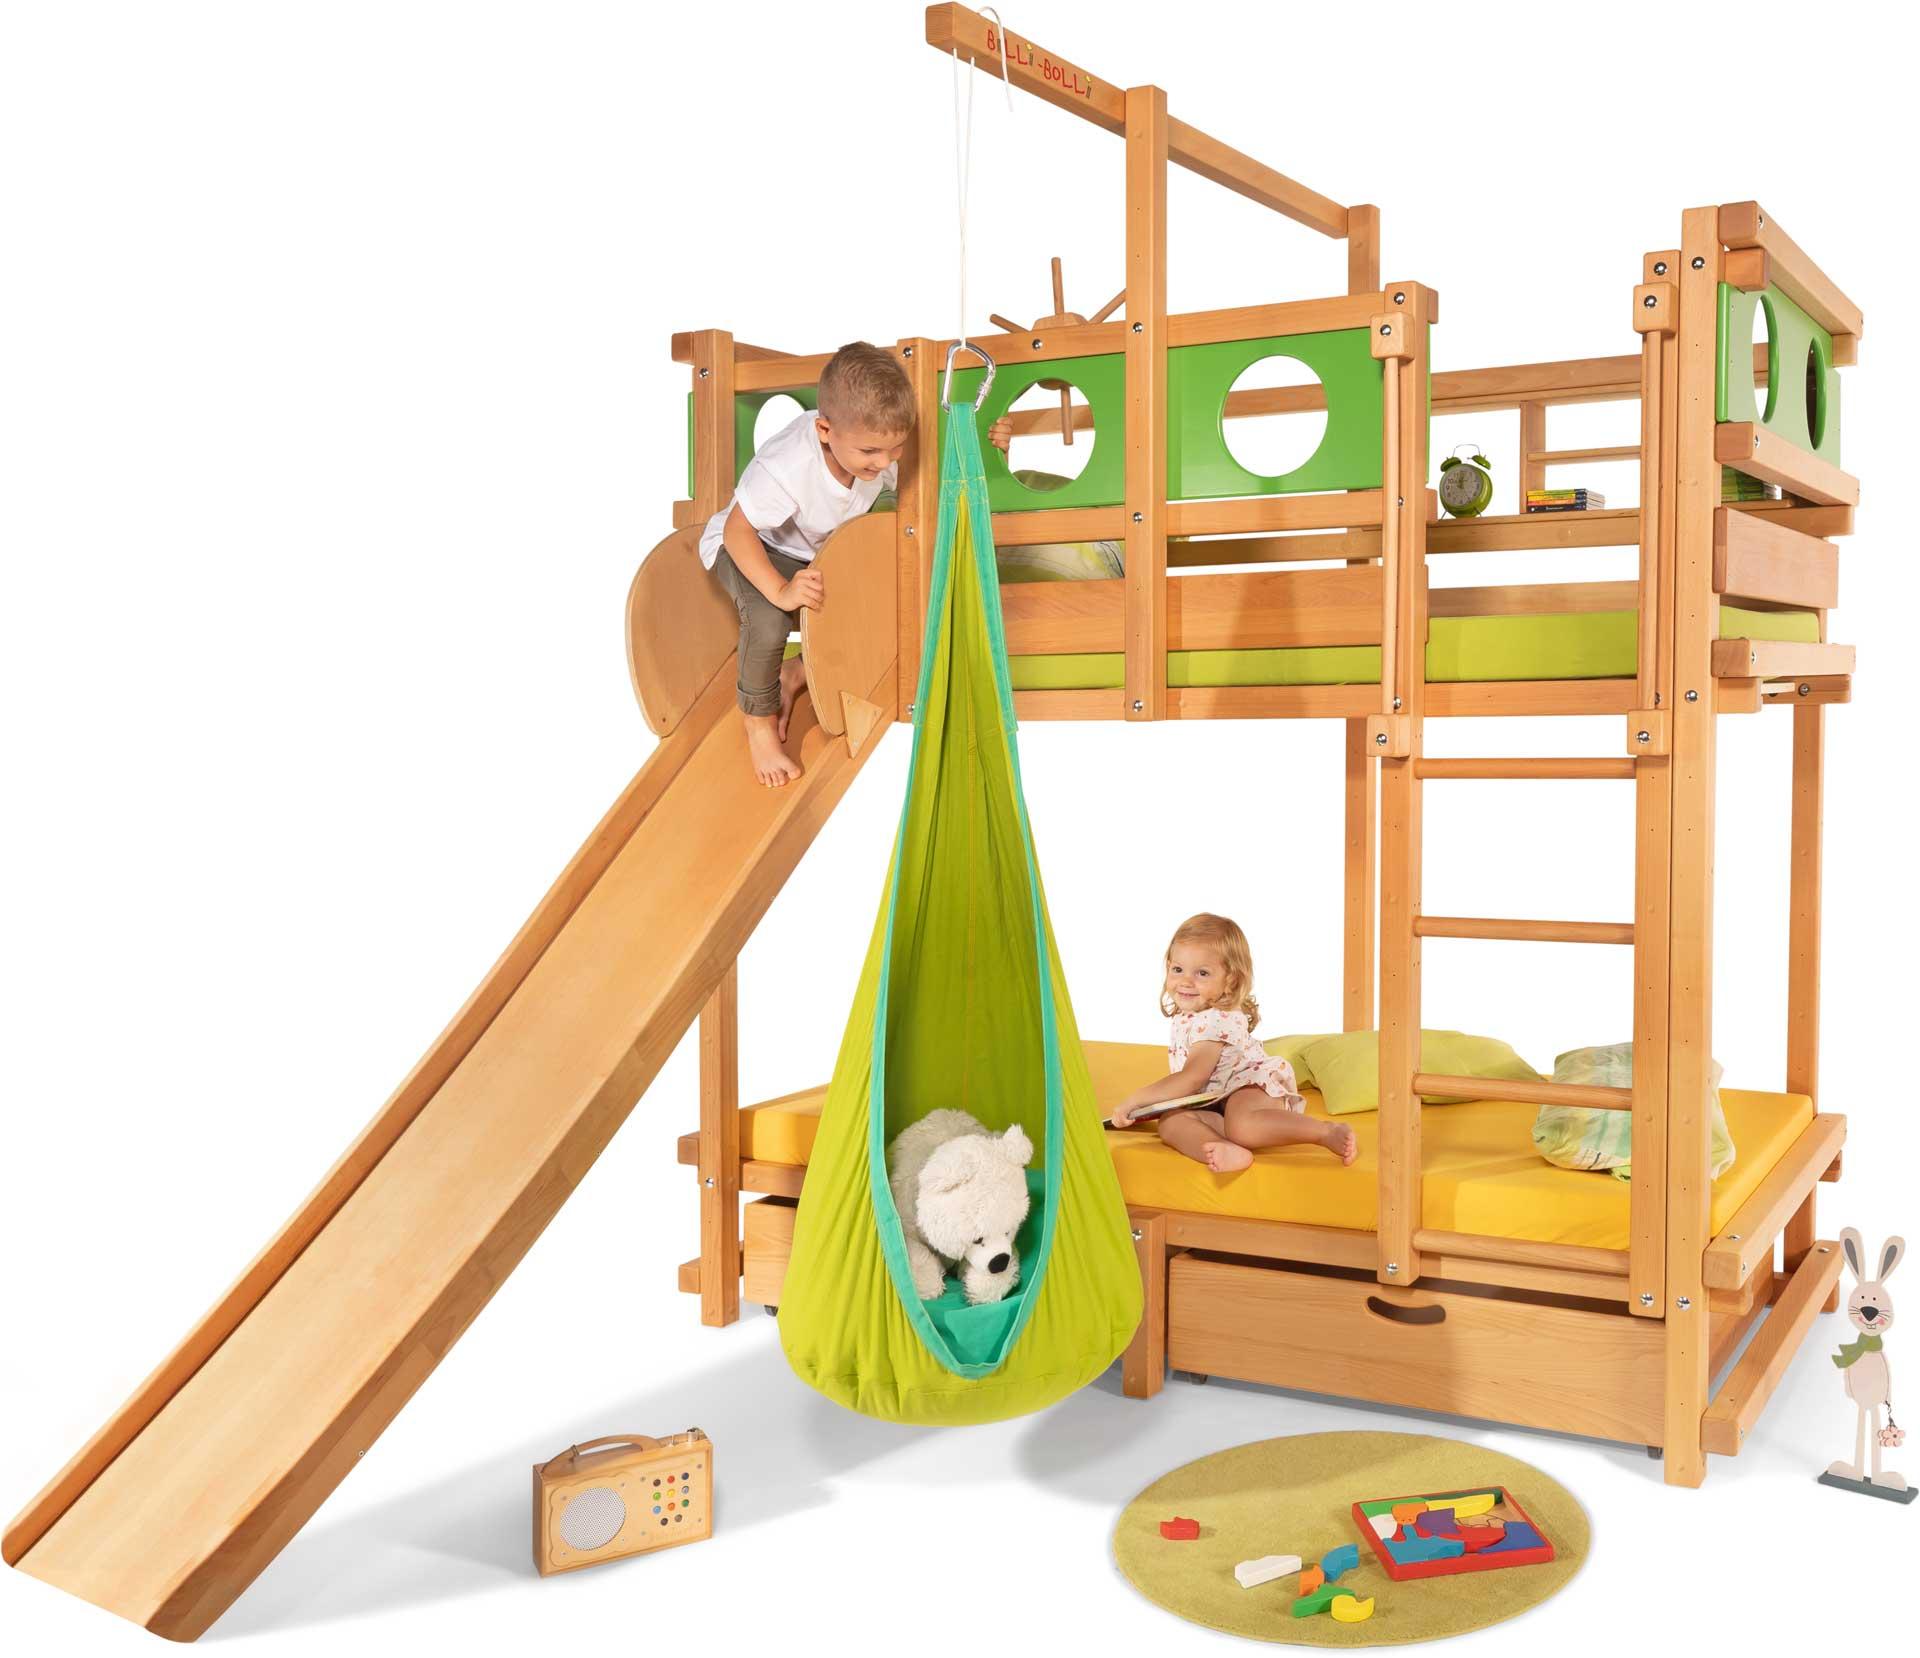 Letto a castello mobili per bambini da billi bolli - Altezza letto a castello ...